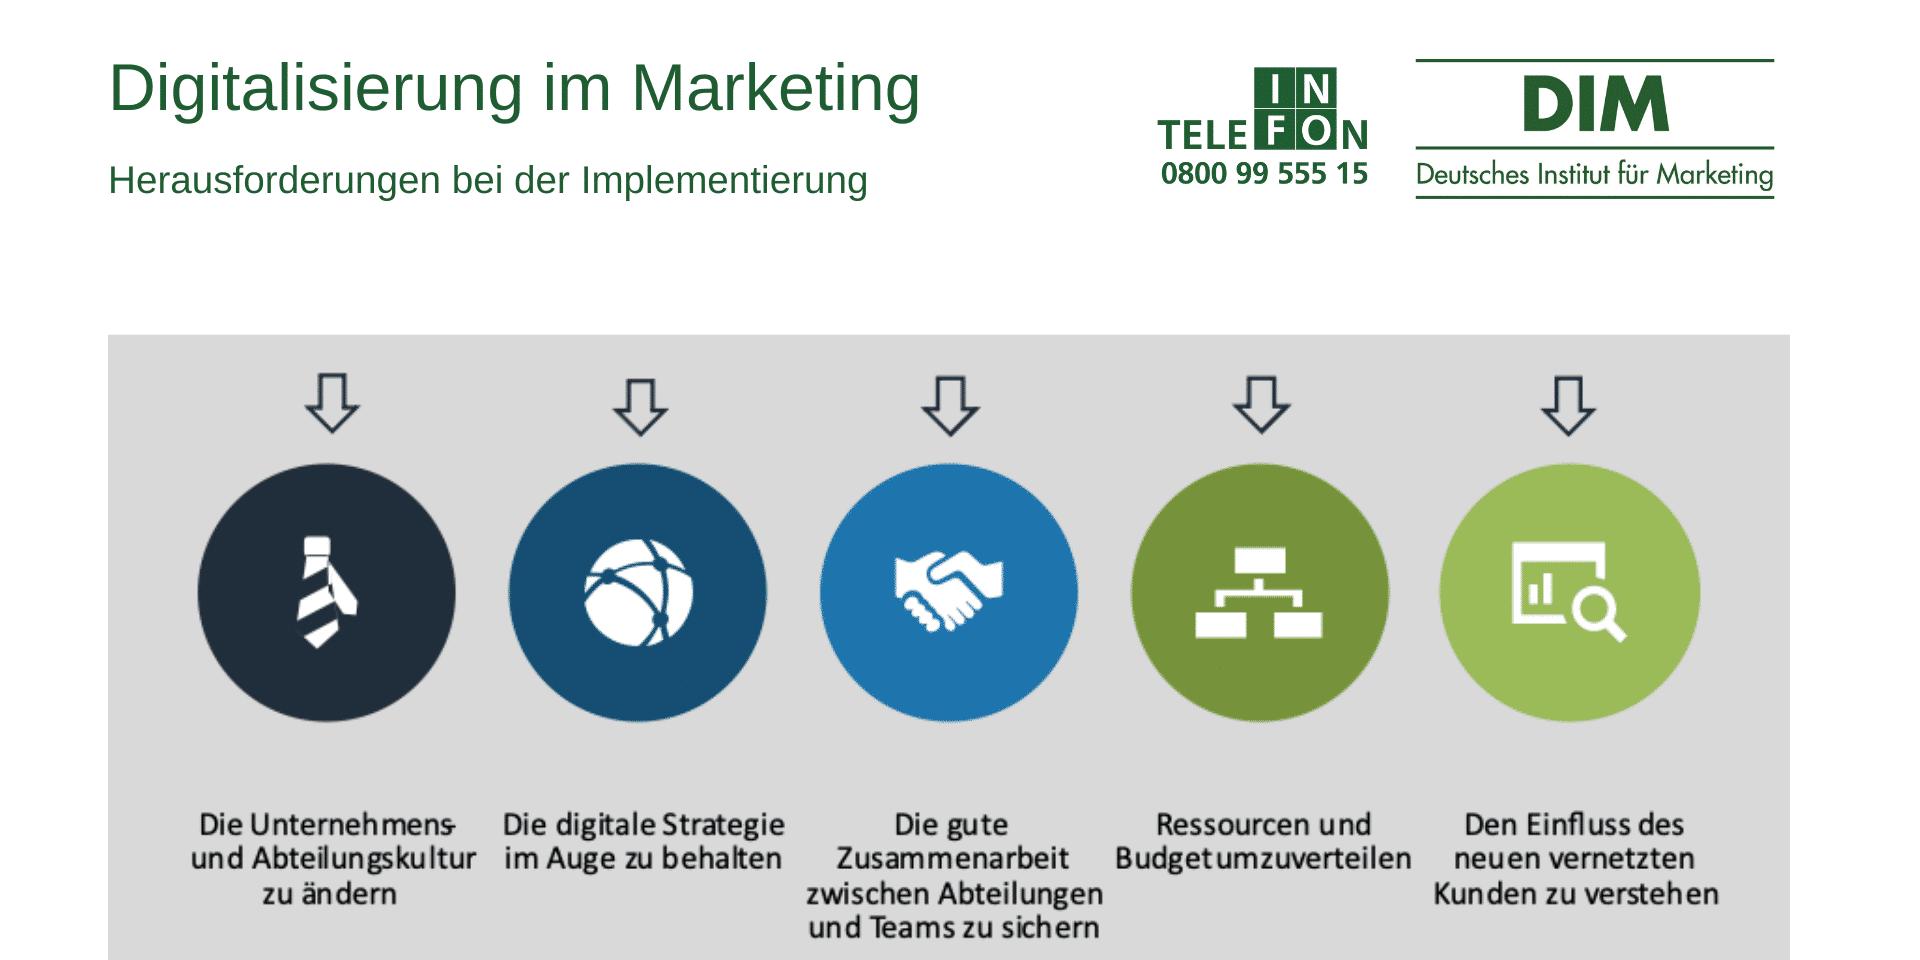 Digitalisierung im Marketing